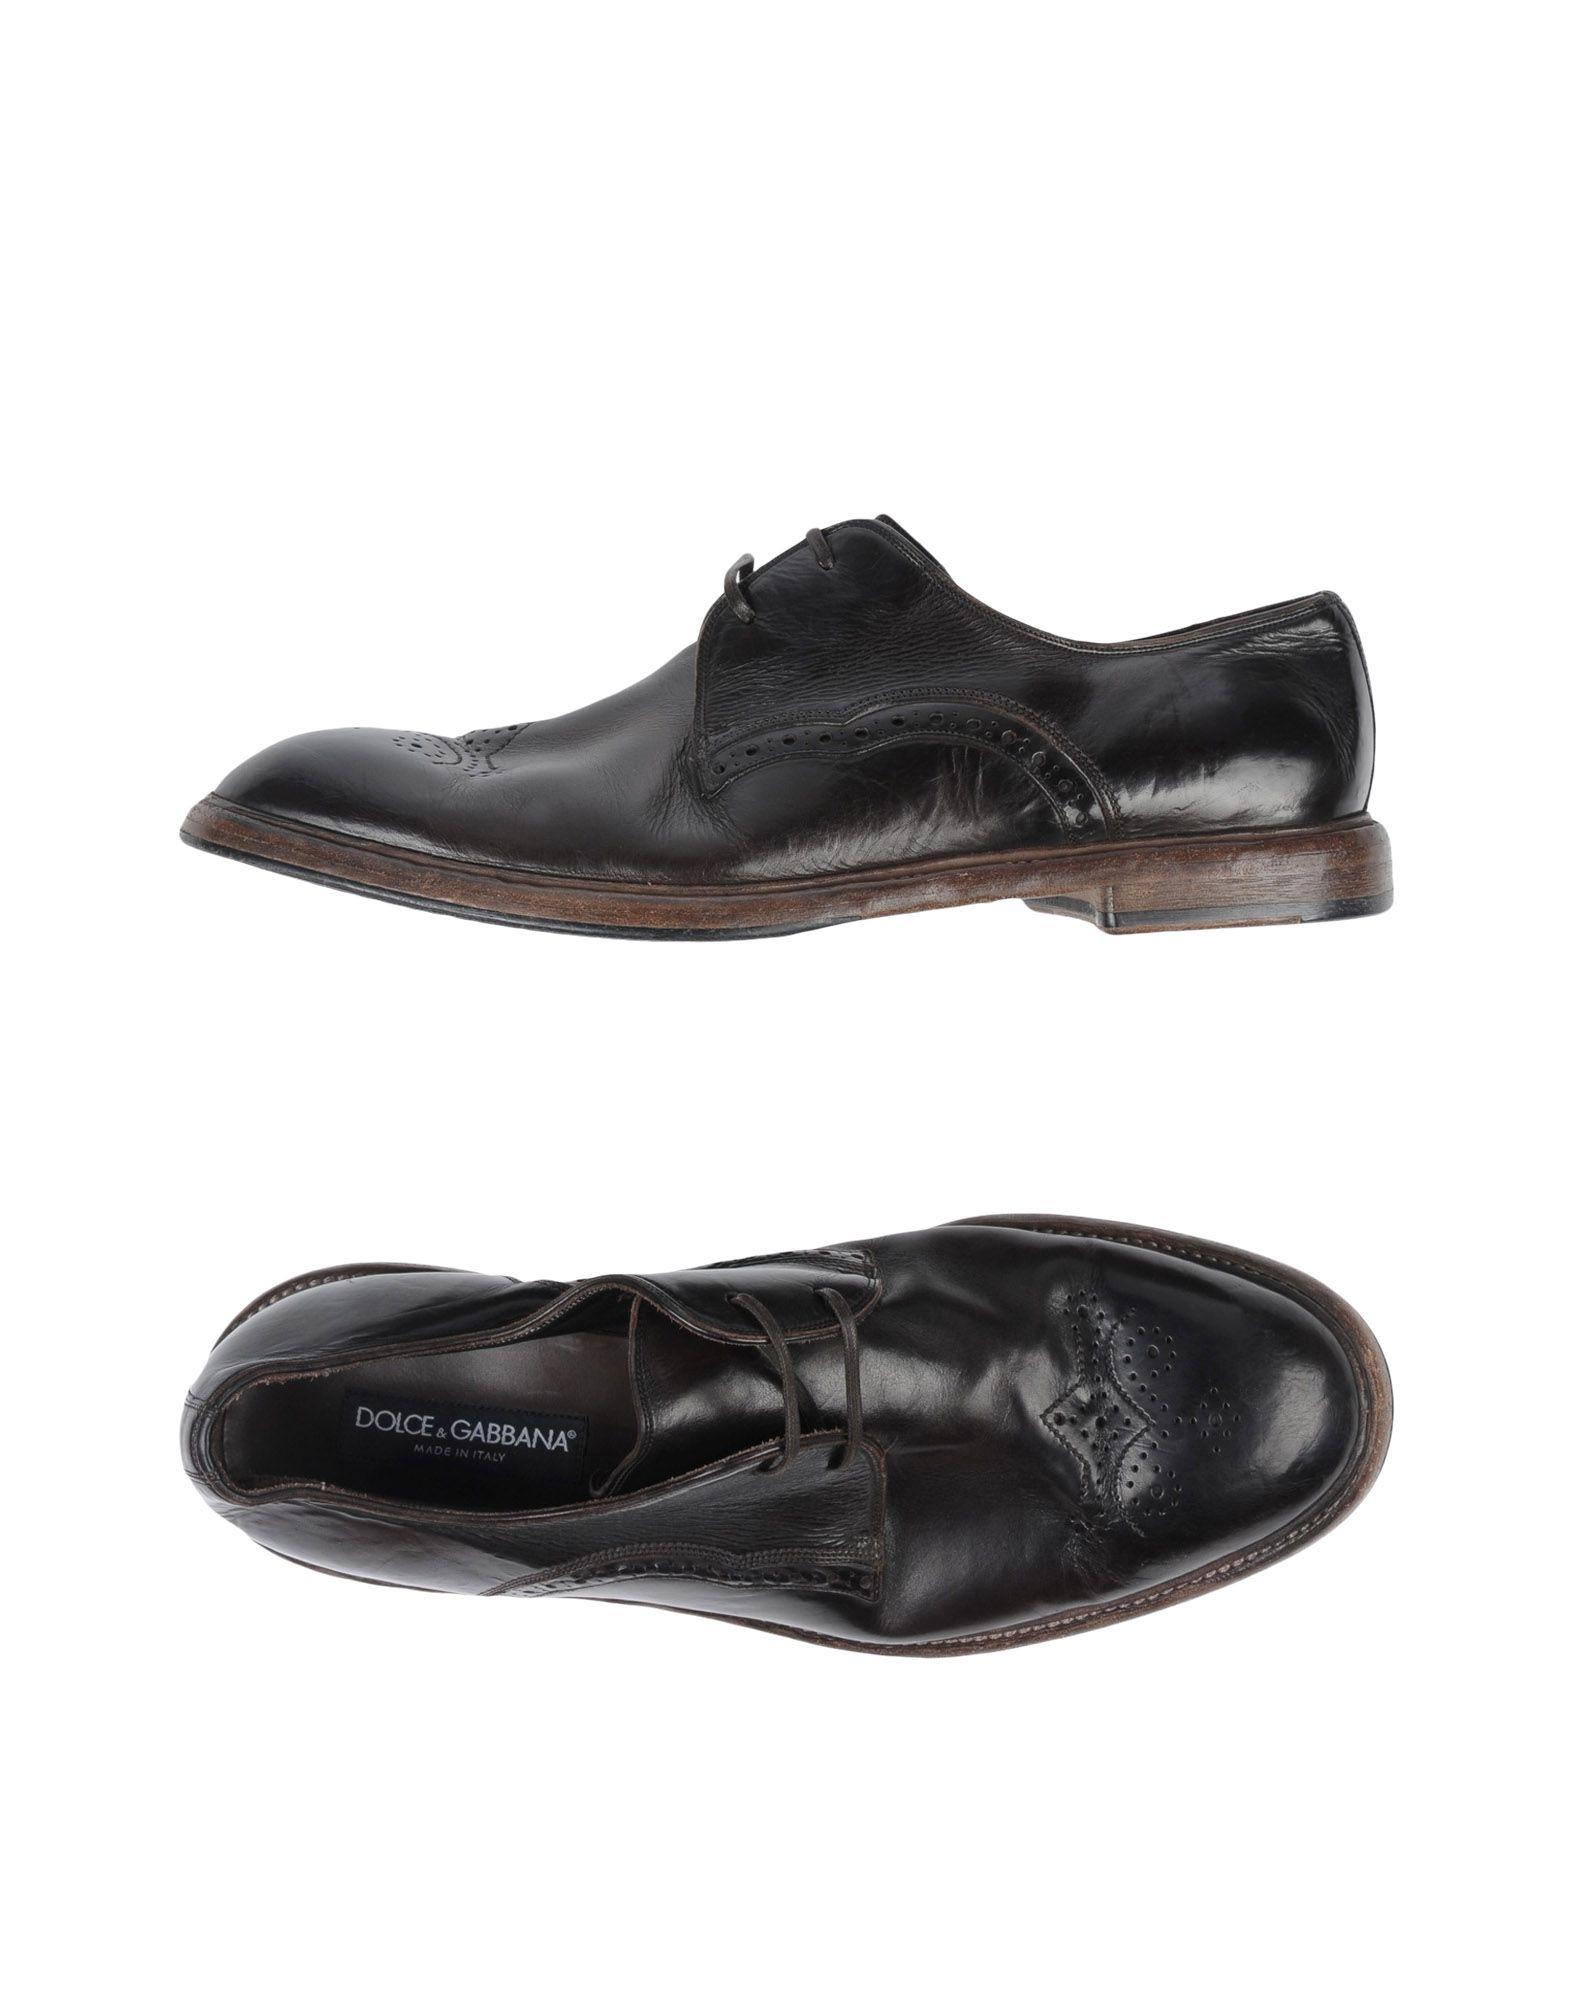 Dolce & Gabbana Schnürschuhe Herren  11487361FX Neue Schuhe